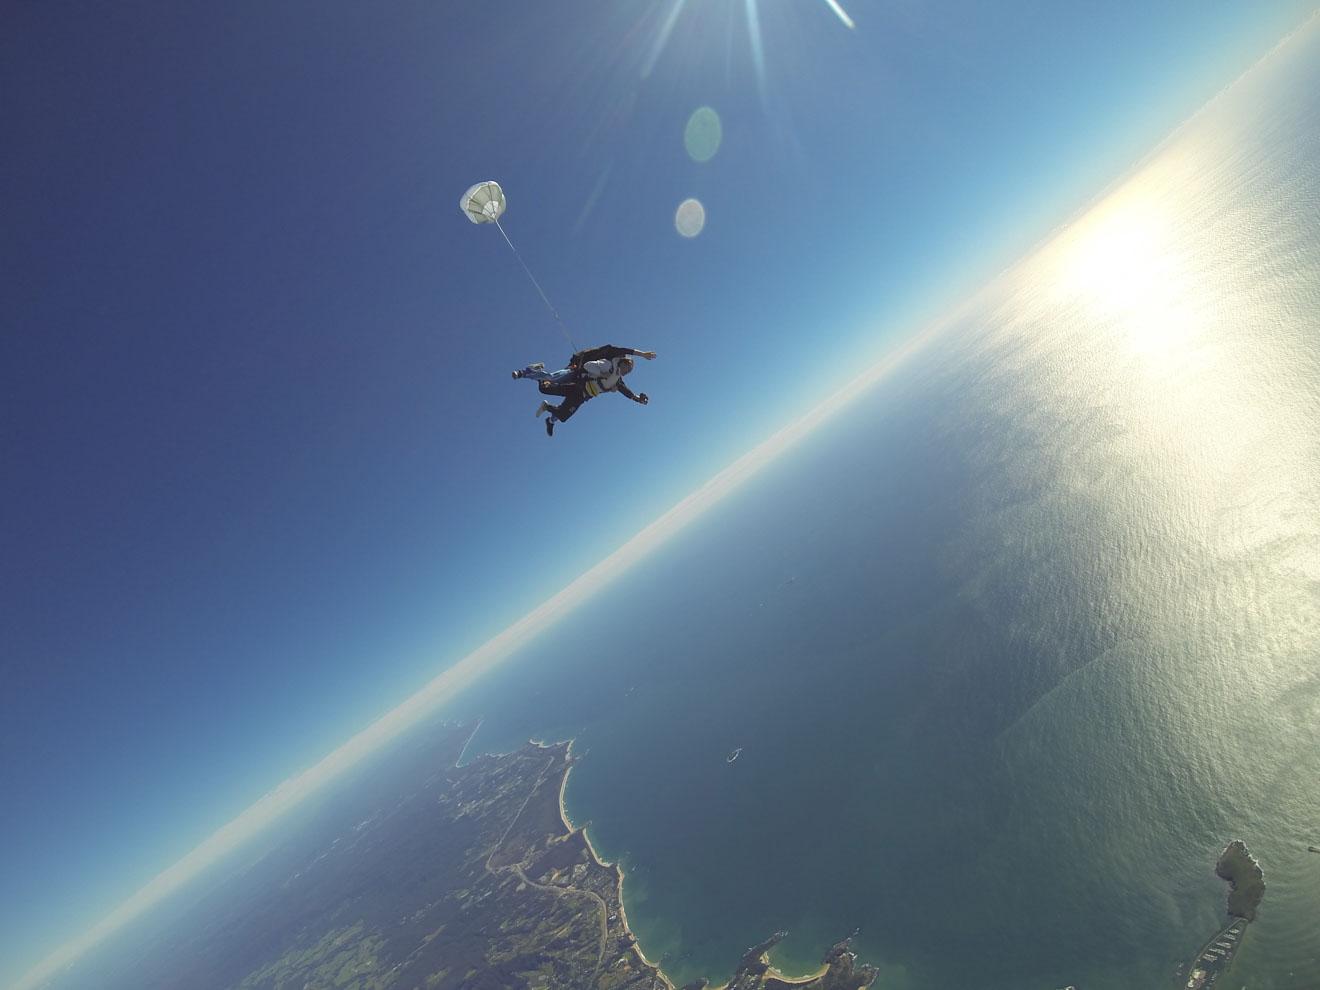 actividades de paracaidismo en sunshine coast